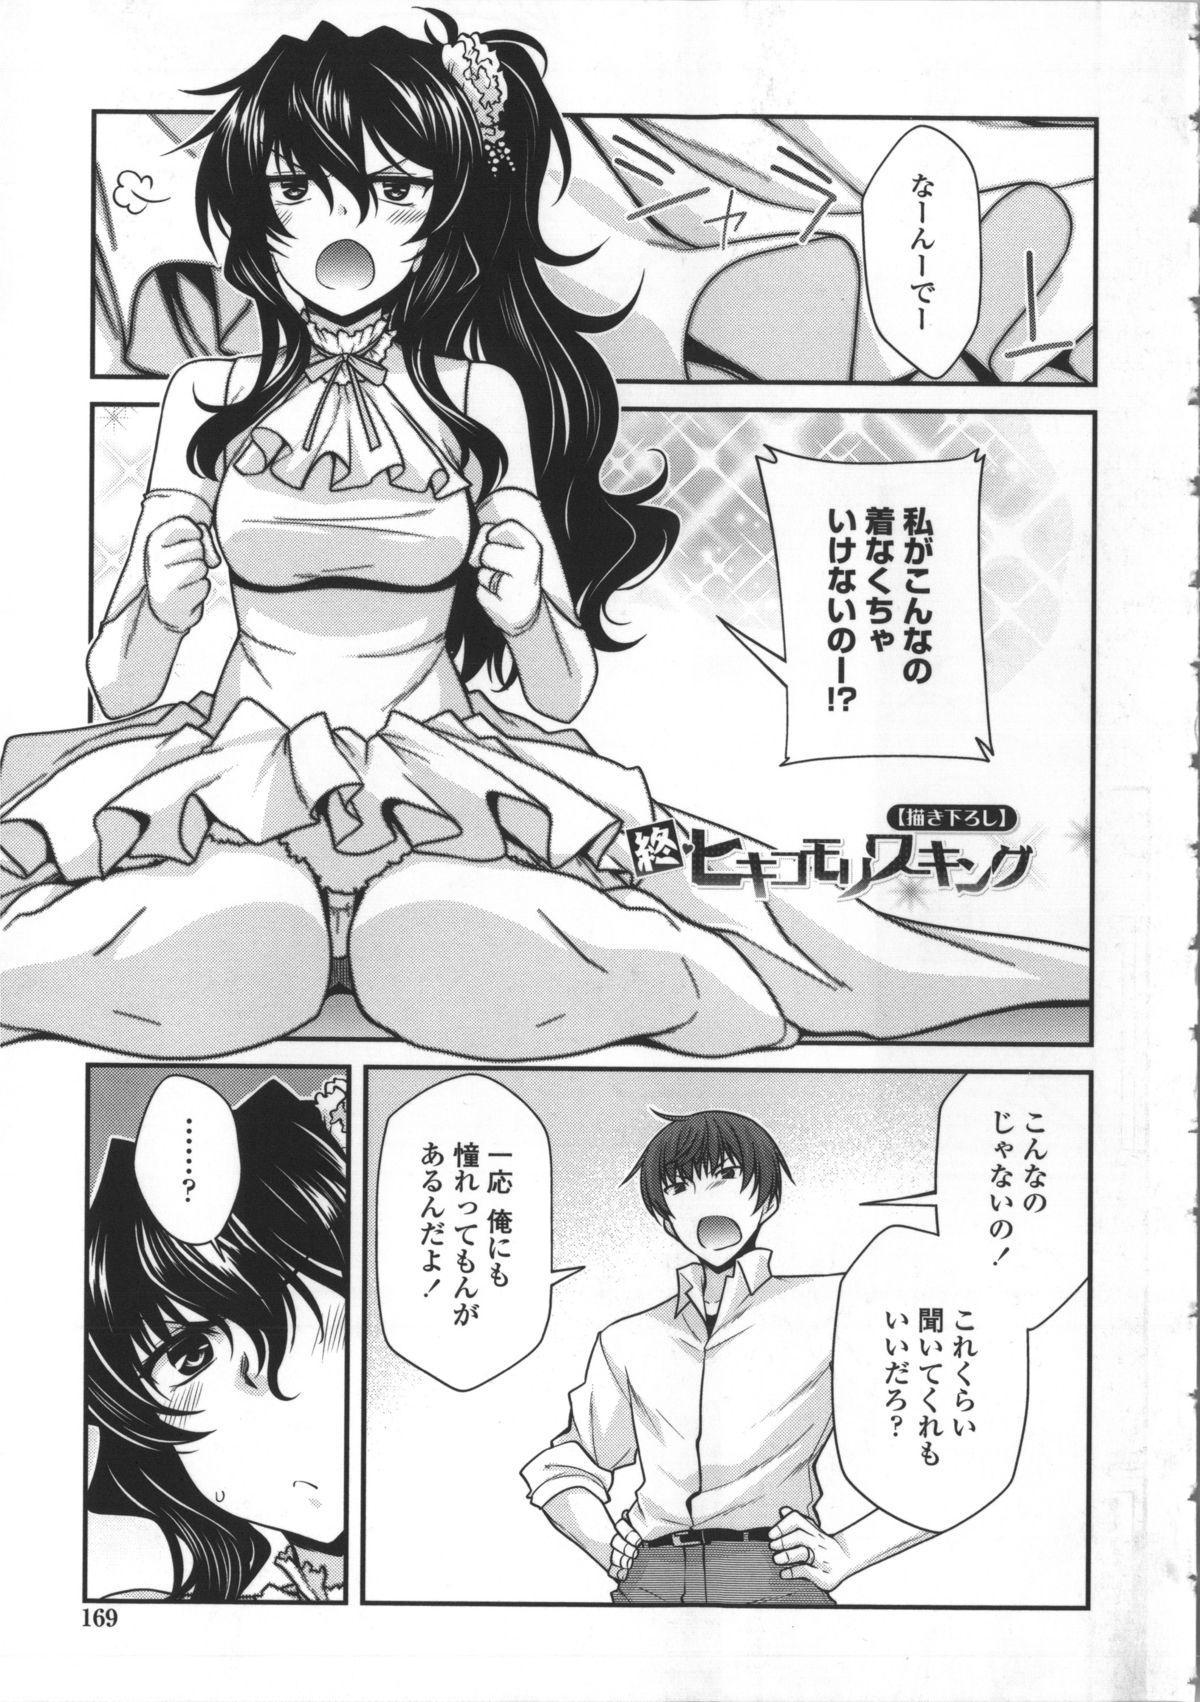 Yamato Nadeshiko Breast Changes 168